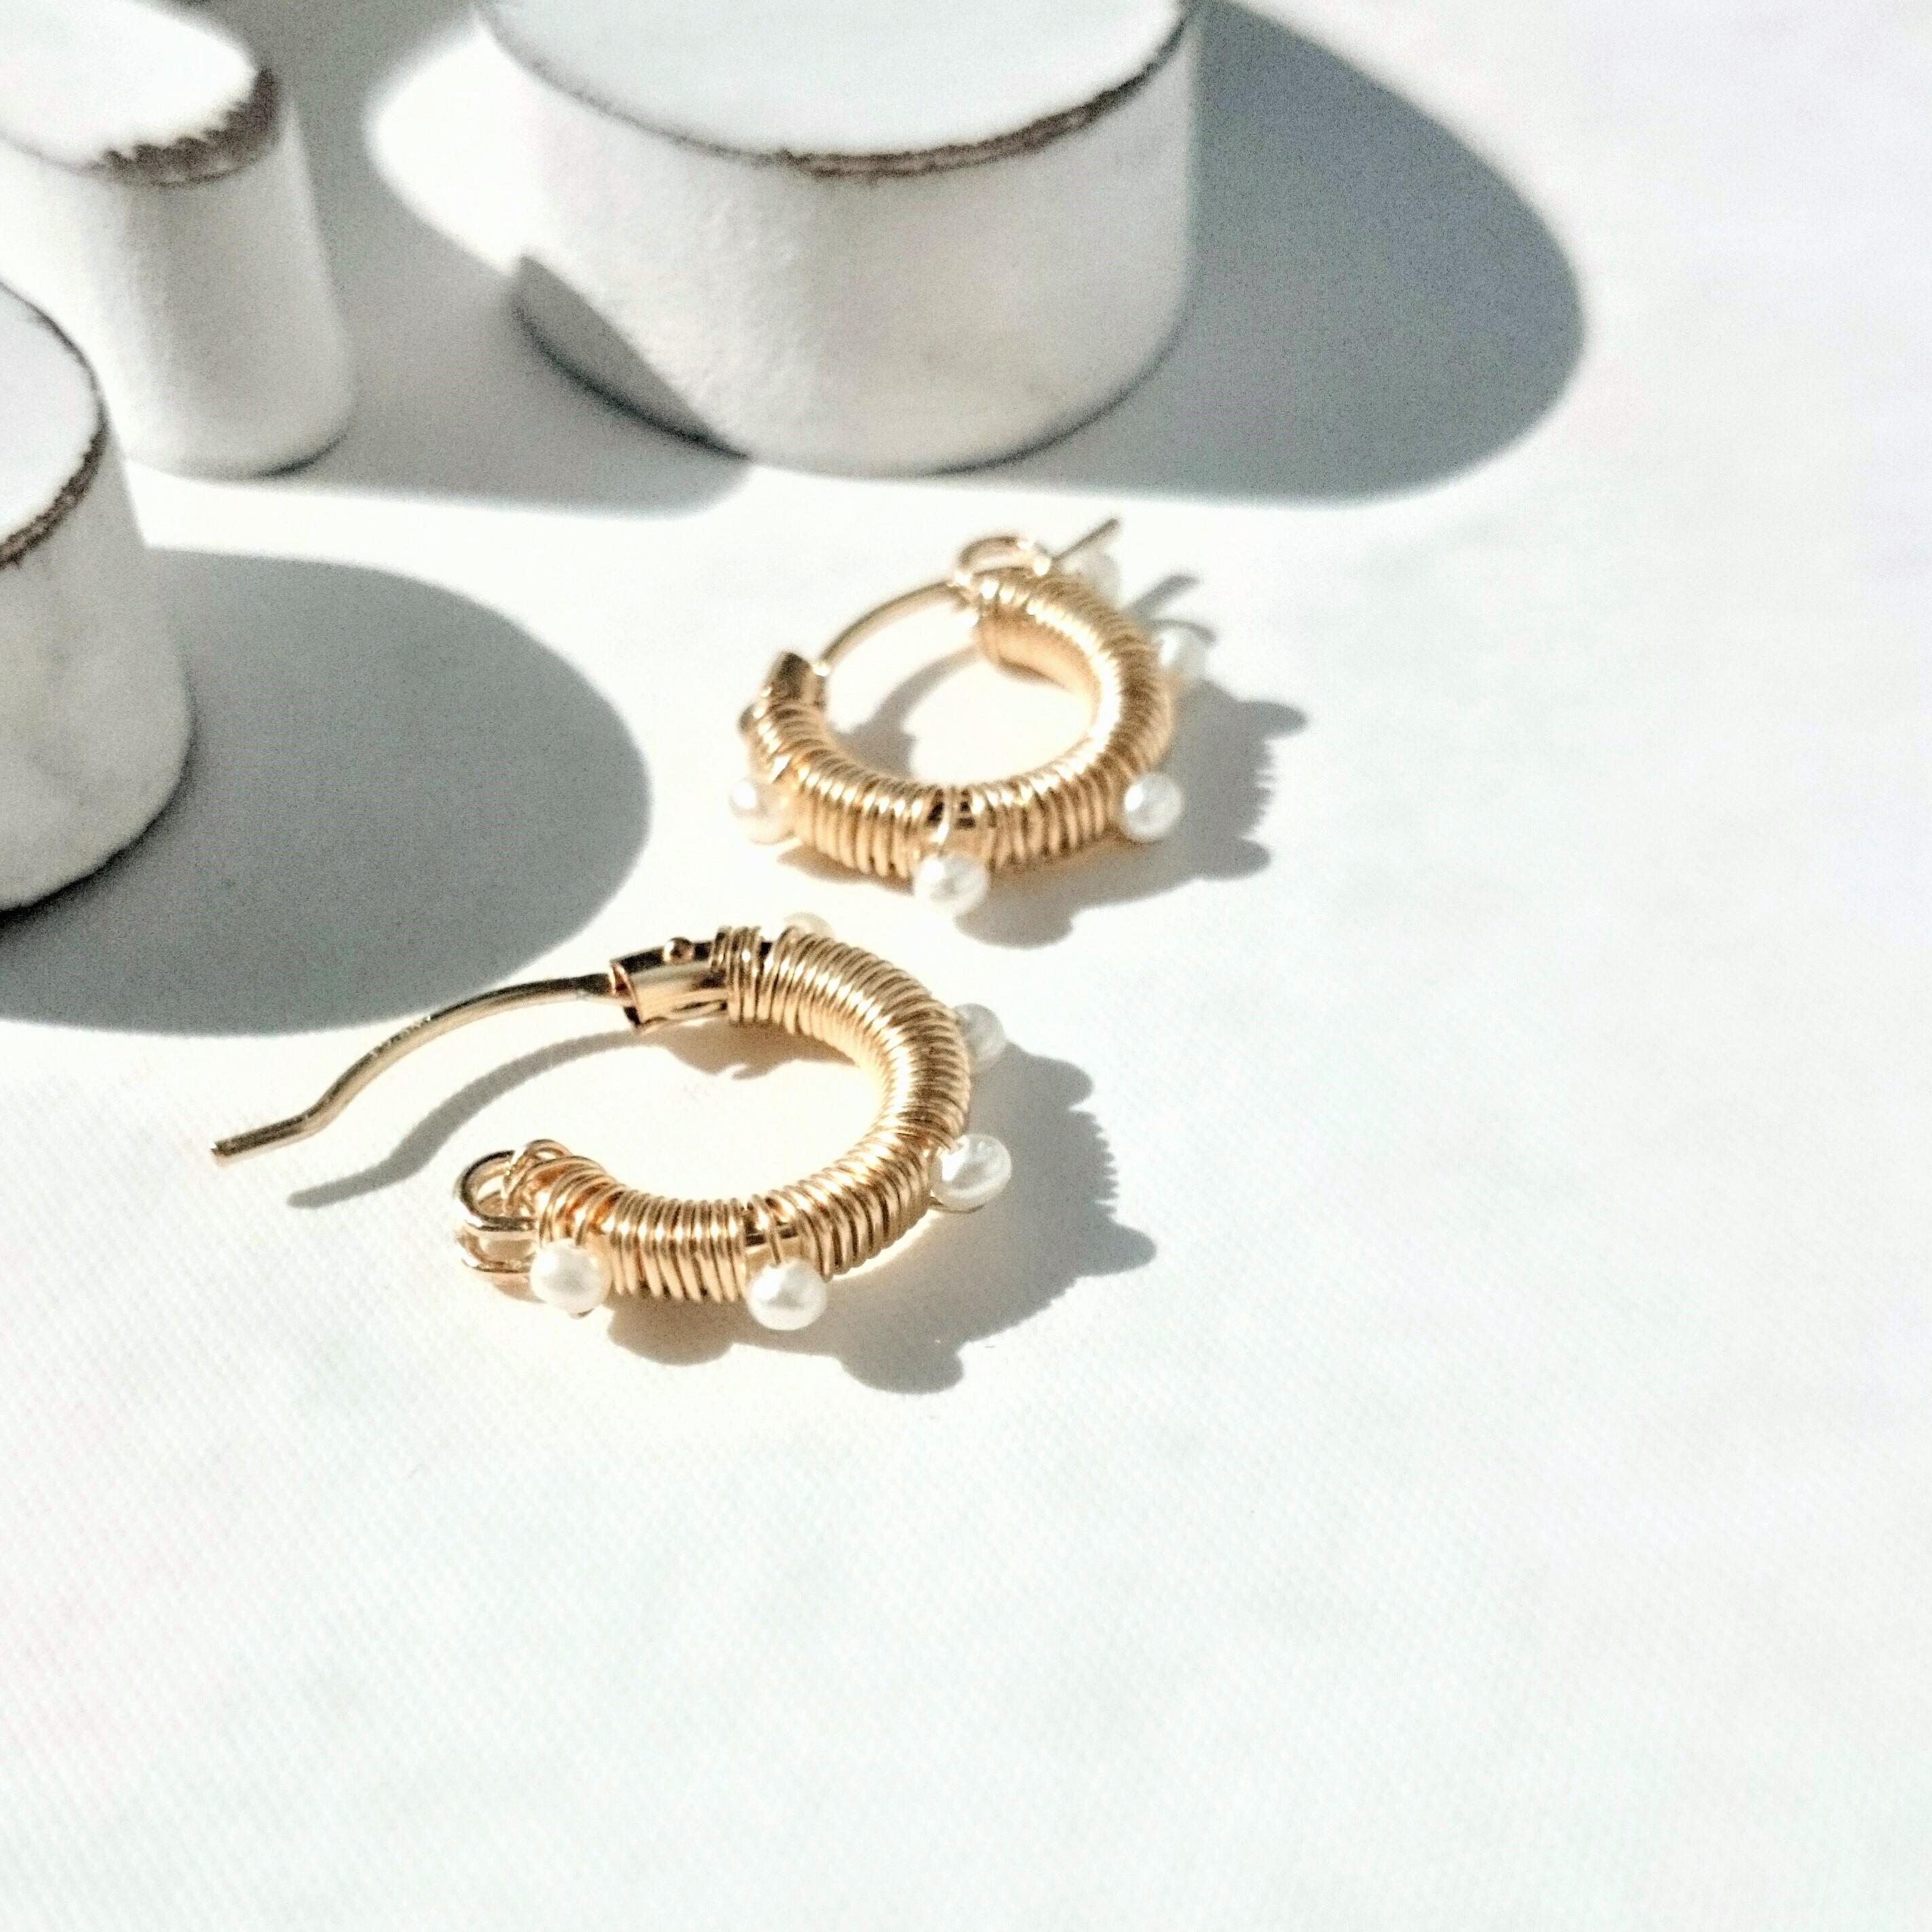 送料無料 14kgf*baby pearl wrapped hoop pierced earring/earringパール